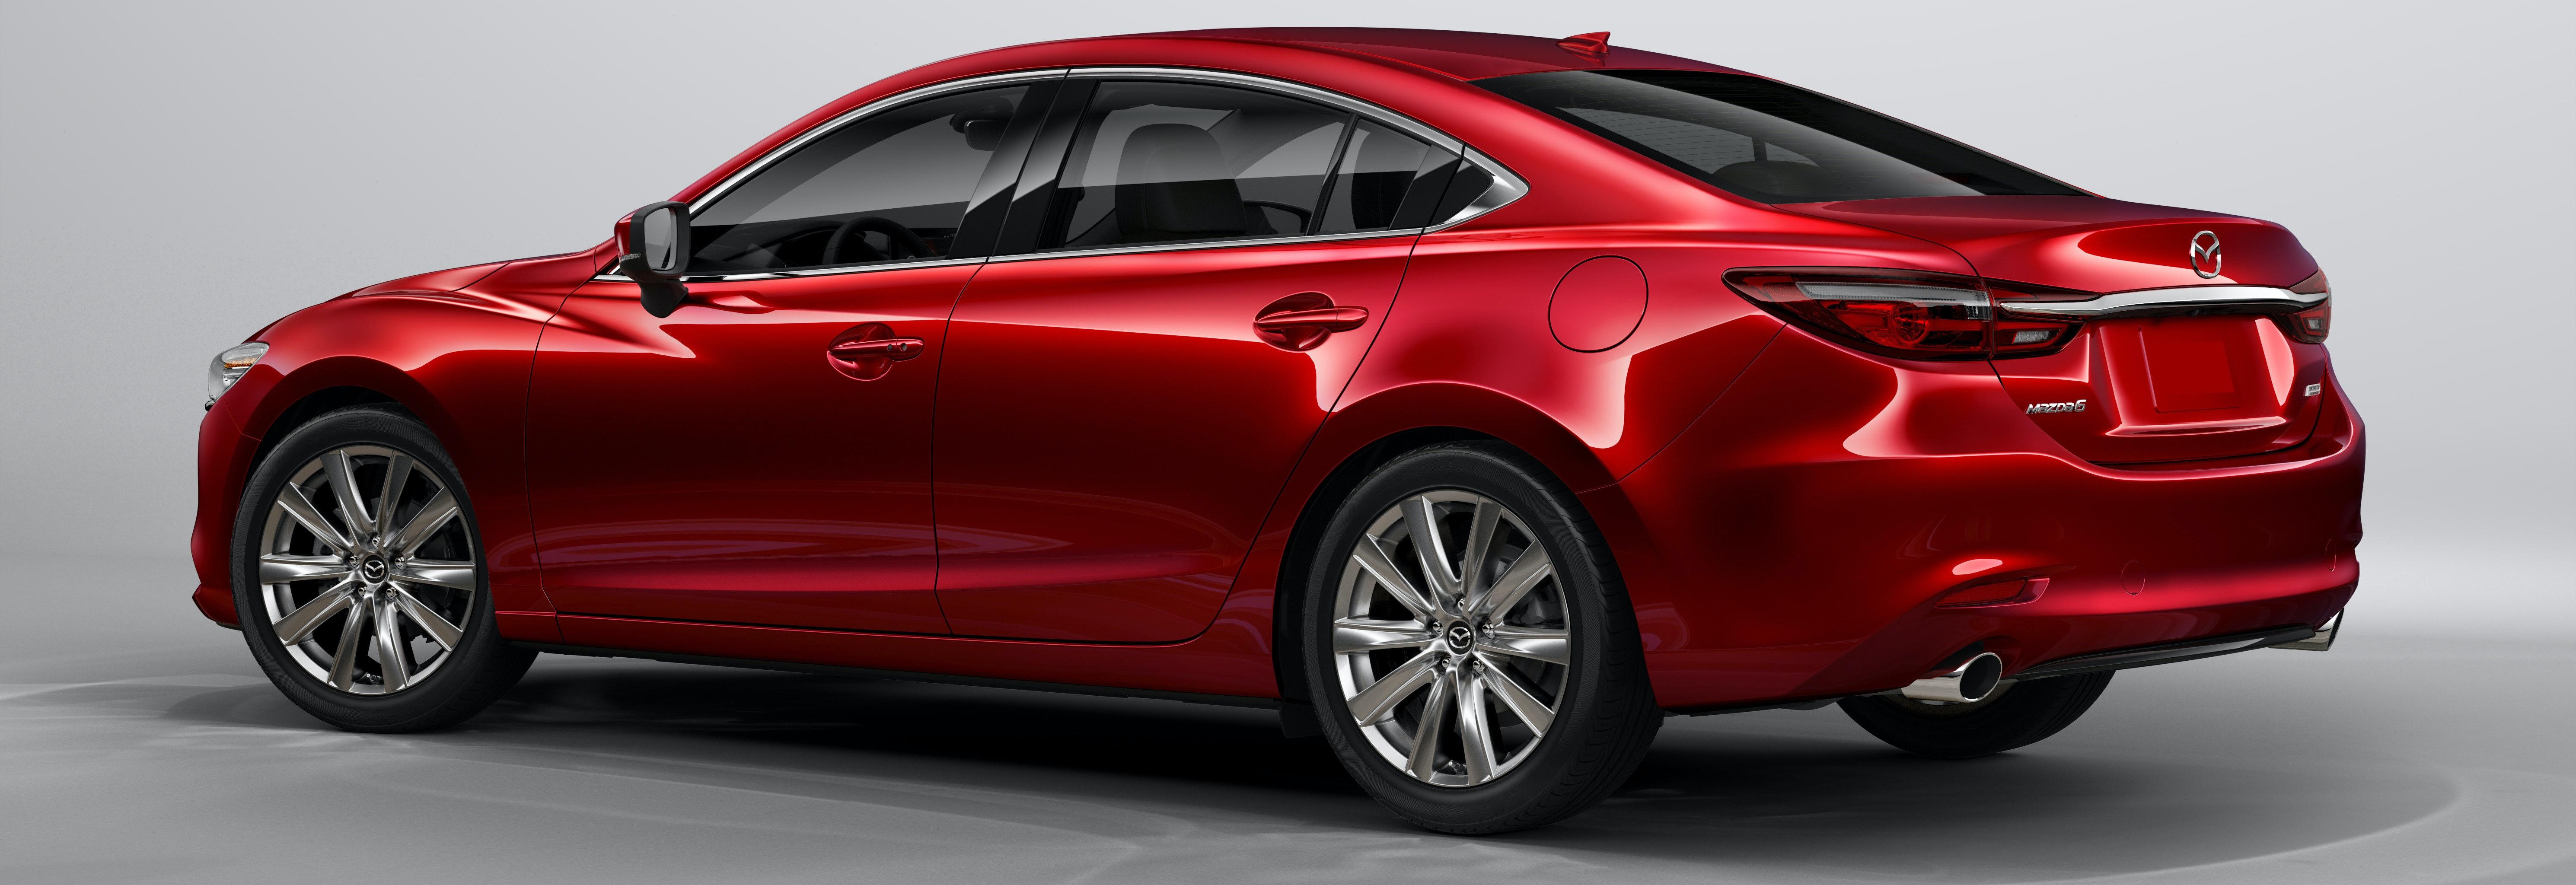 Mazda Mazda6: Specifications